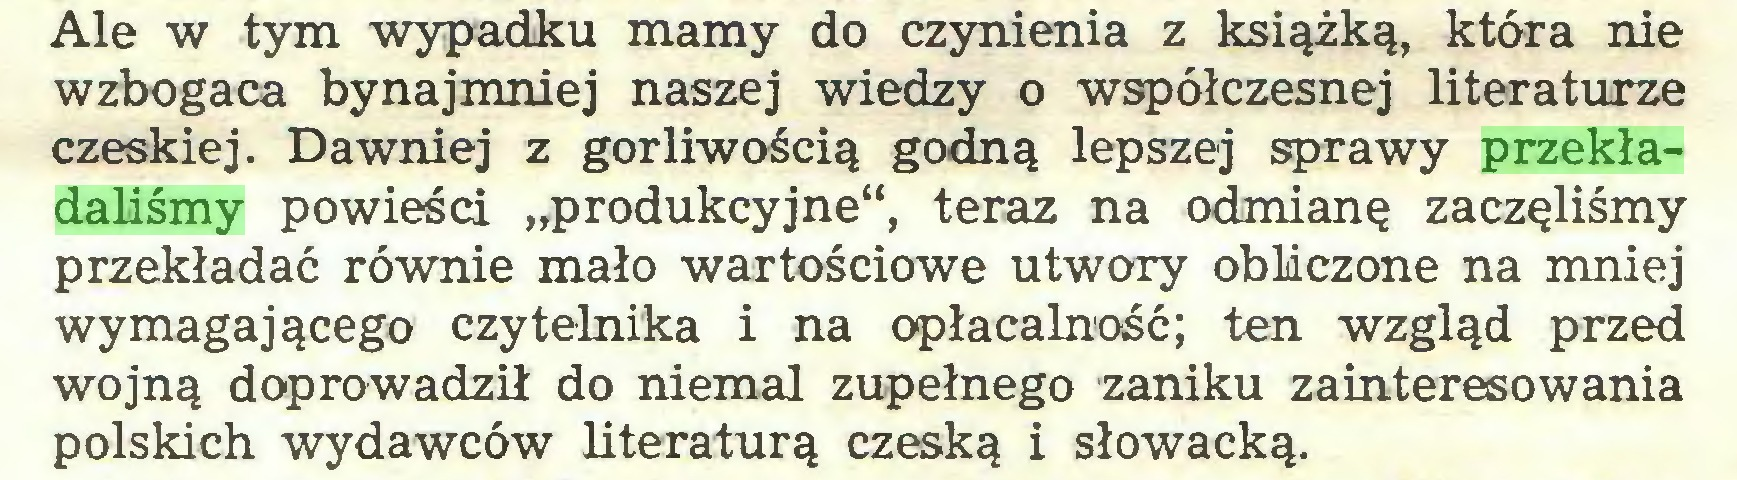 """(...) Ale w tym wypadku mamy do czynienia z książką, która nie wzbogaca bynajmniej naszej wiedzy o współczesnej literaturze czeskiej. Dawniej z gorliwością godną lepszej sprawy przekładaliśmy powieści """"produkcyjne"""", teraz na odmianę zaczęliśmy przekładać równie mało wartościowe utwory obliczone na mniej wymagającego czytelnika i na opłacalność; ten wzgląd przed wojną doprowadził do niemal zupełnego zaniku zainteresowania polskich wydawców literaturą czeską i słowacką..."""